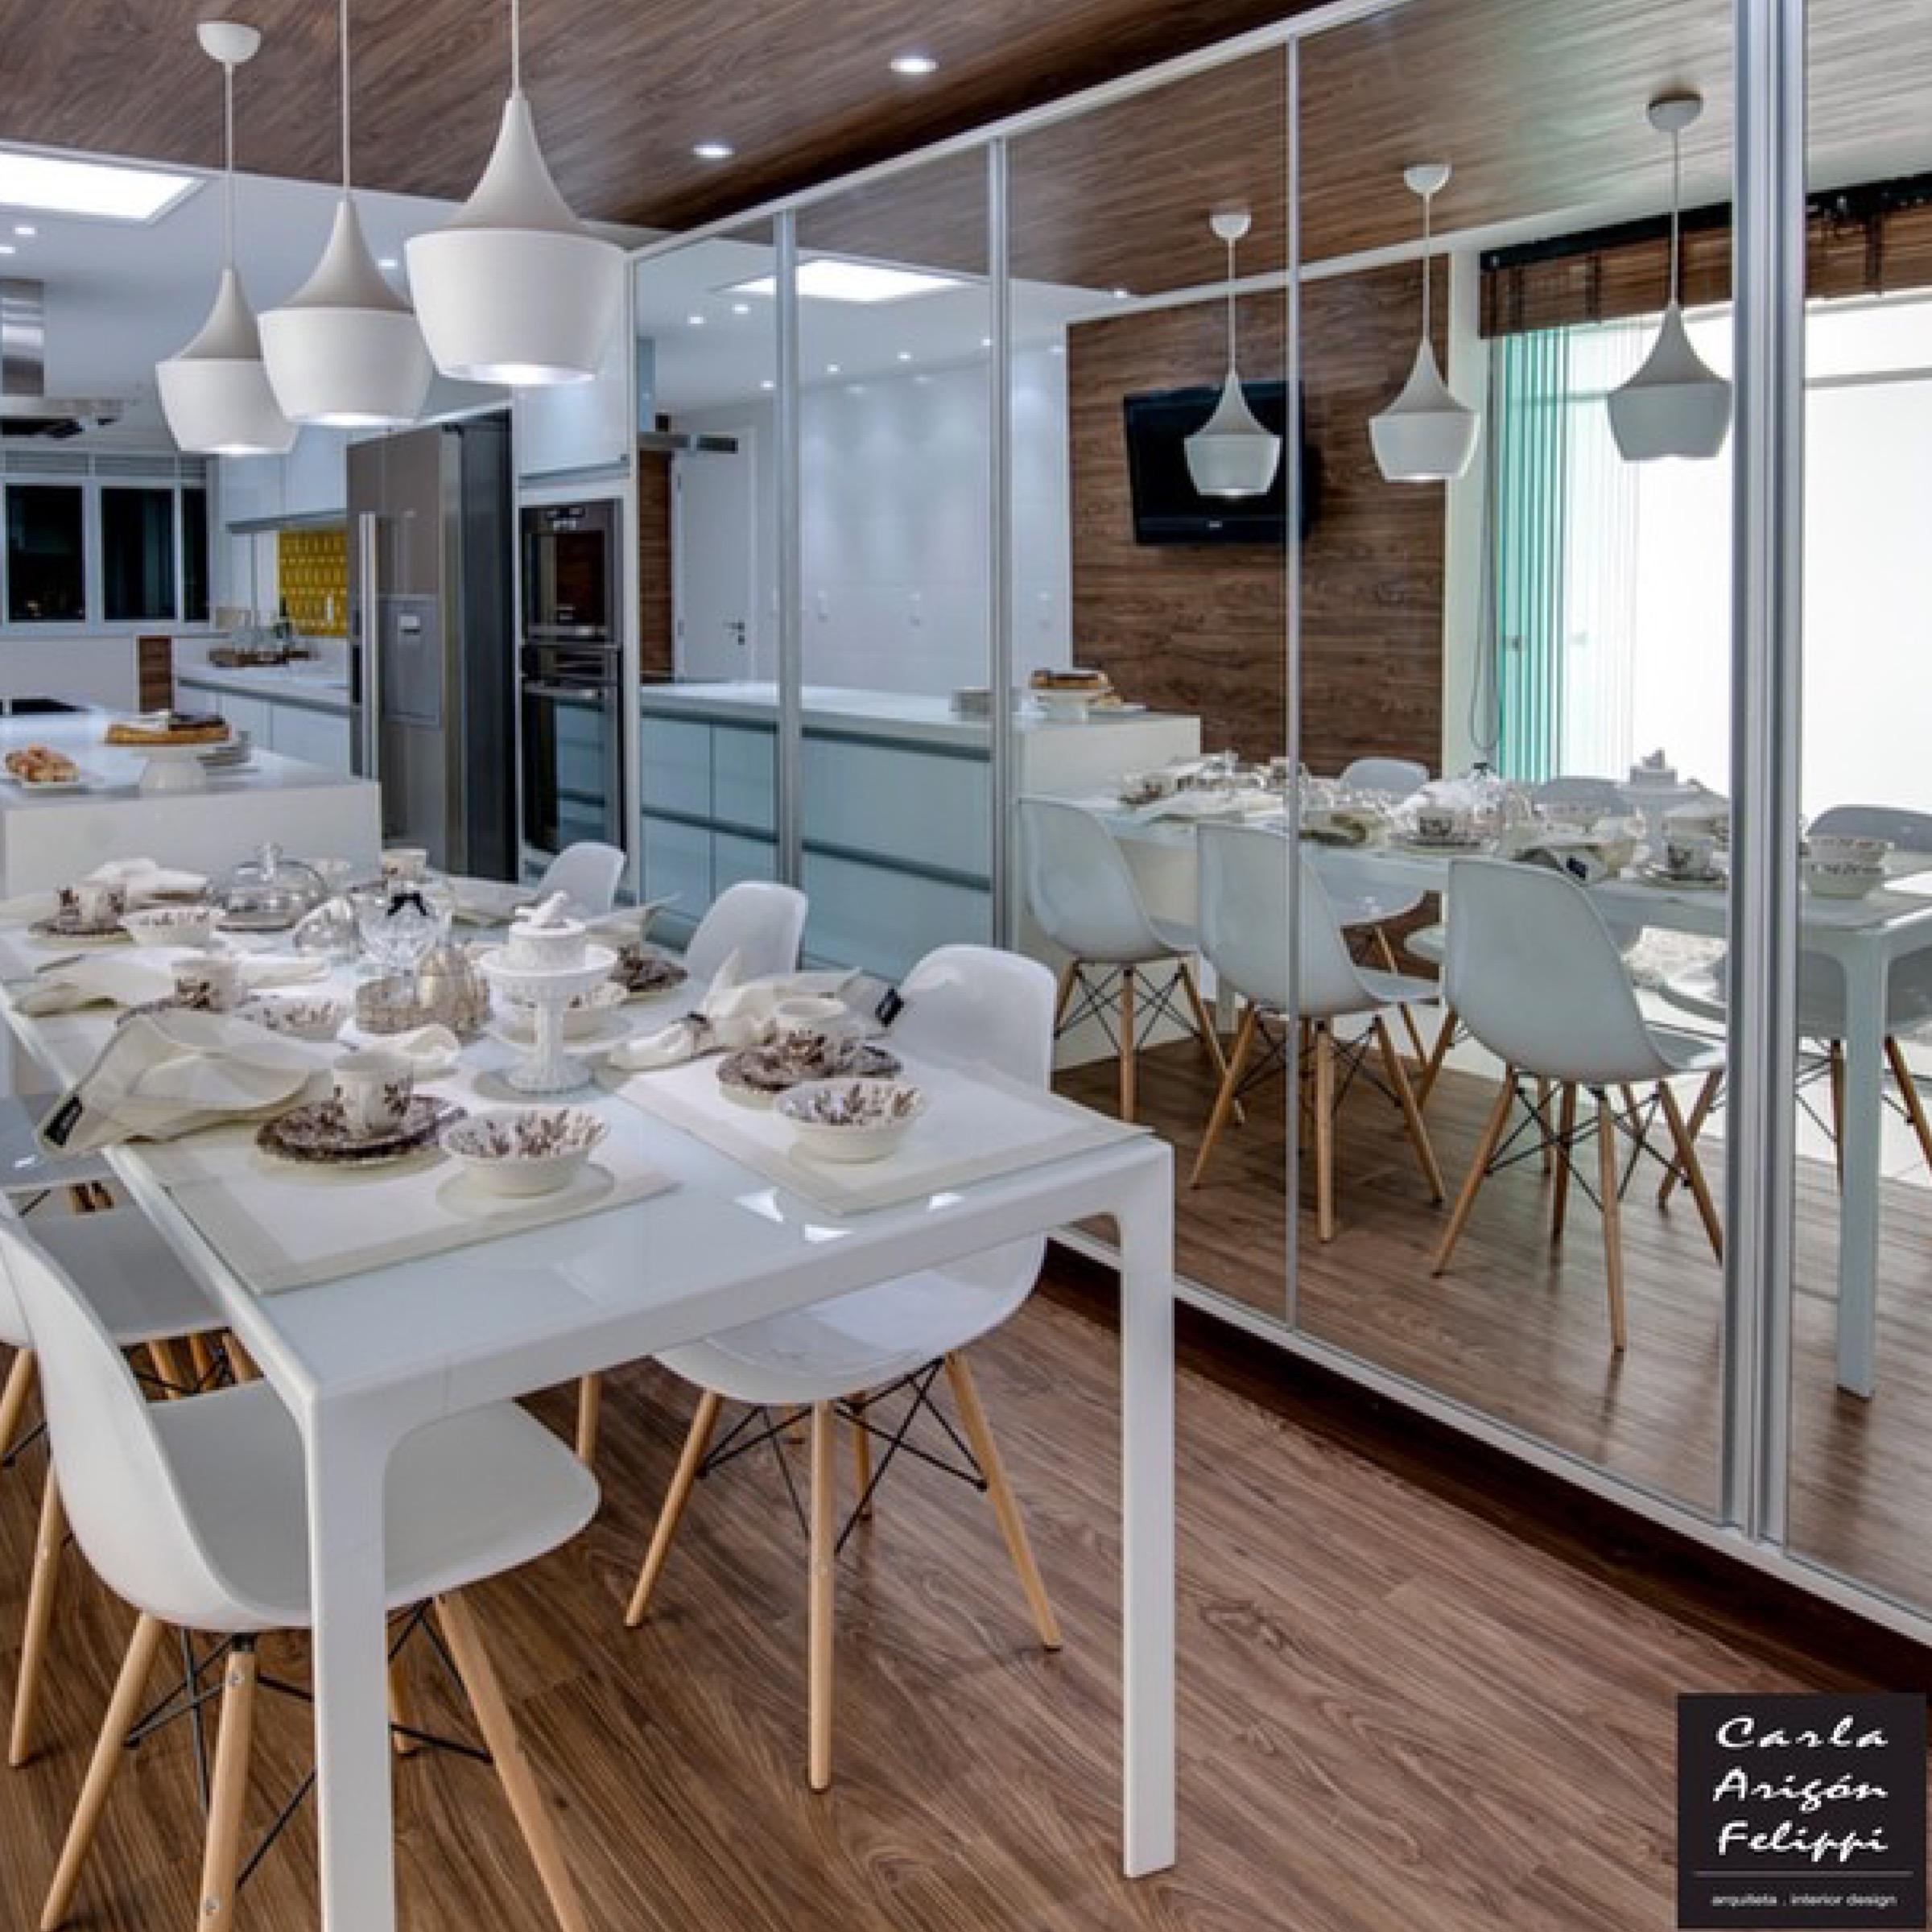 60 Cozinhas com Espelhos Decoradas Fotos Lindas #624938 2400x2400